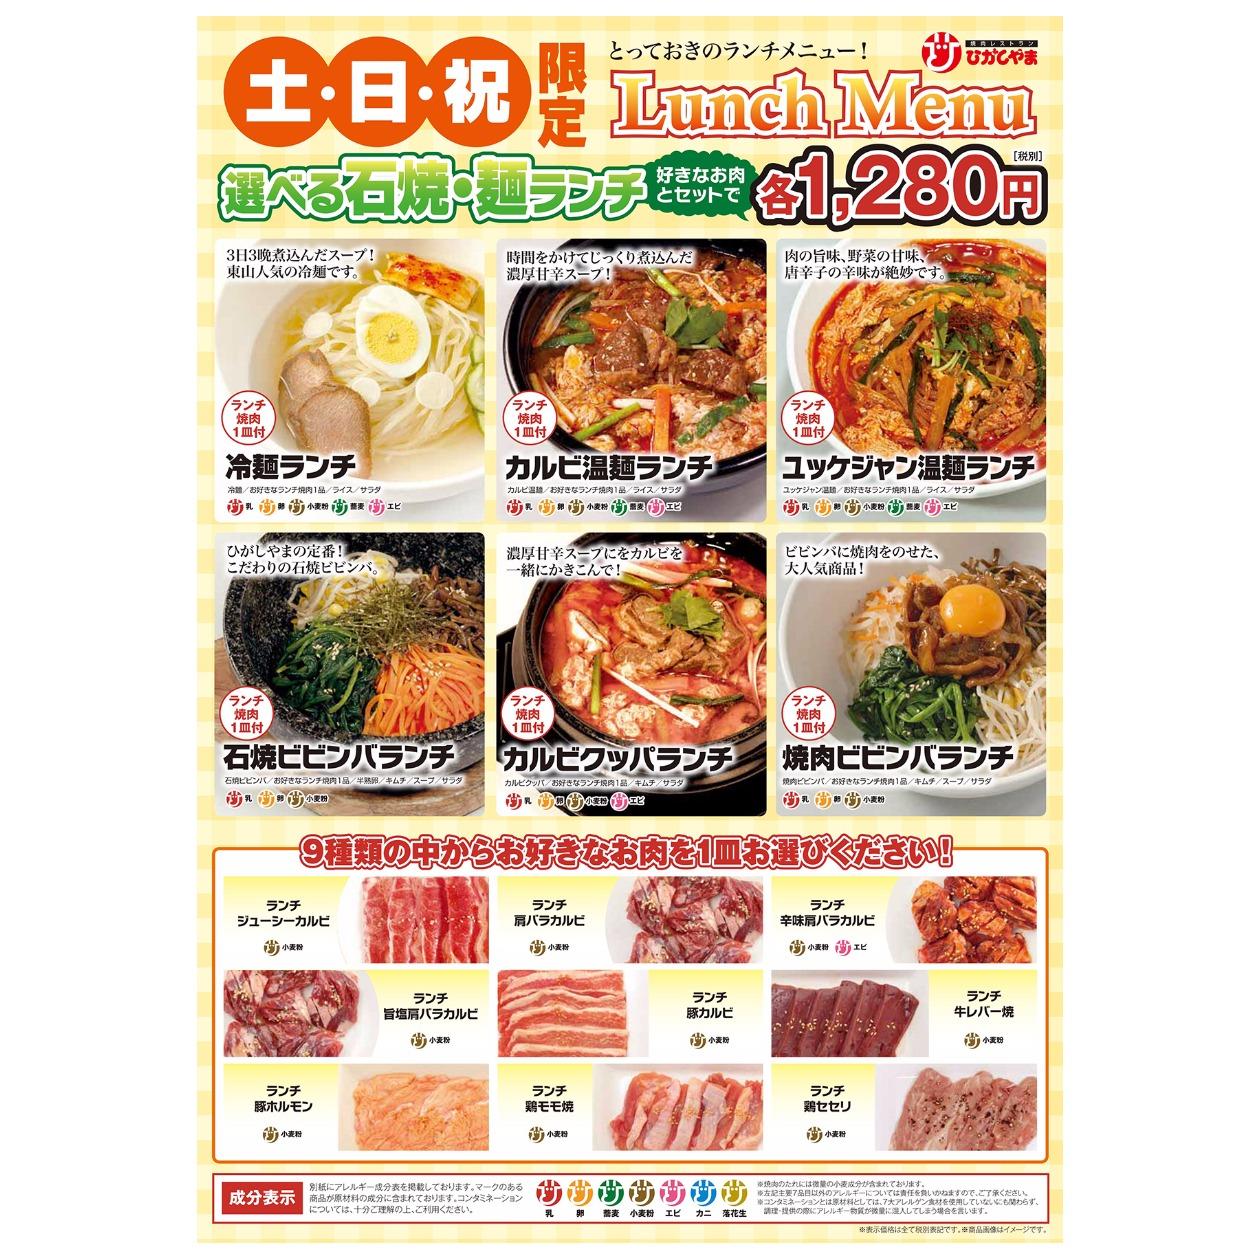 長町駅前店【土日祝限定ランチ】